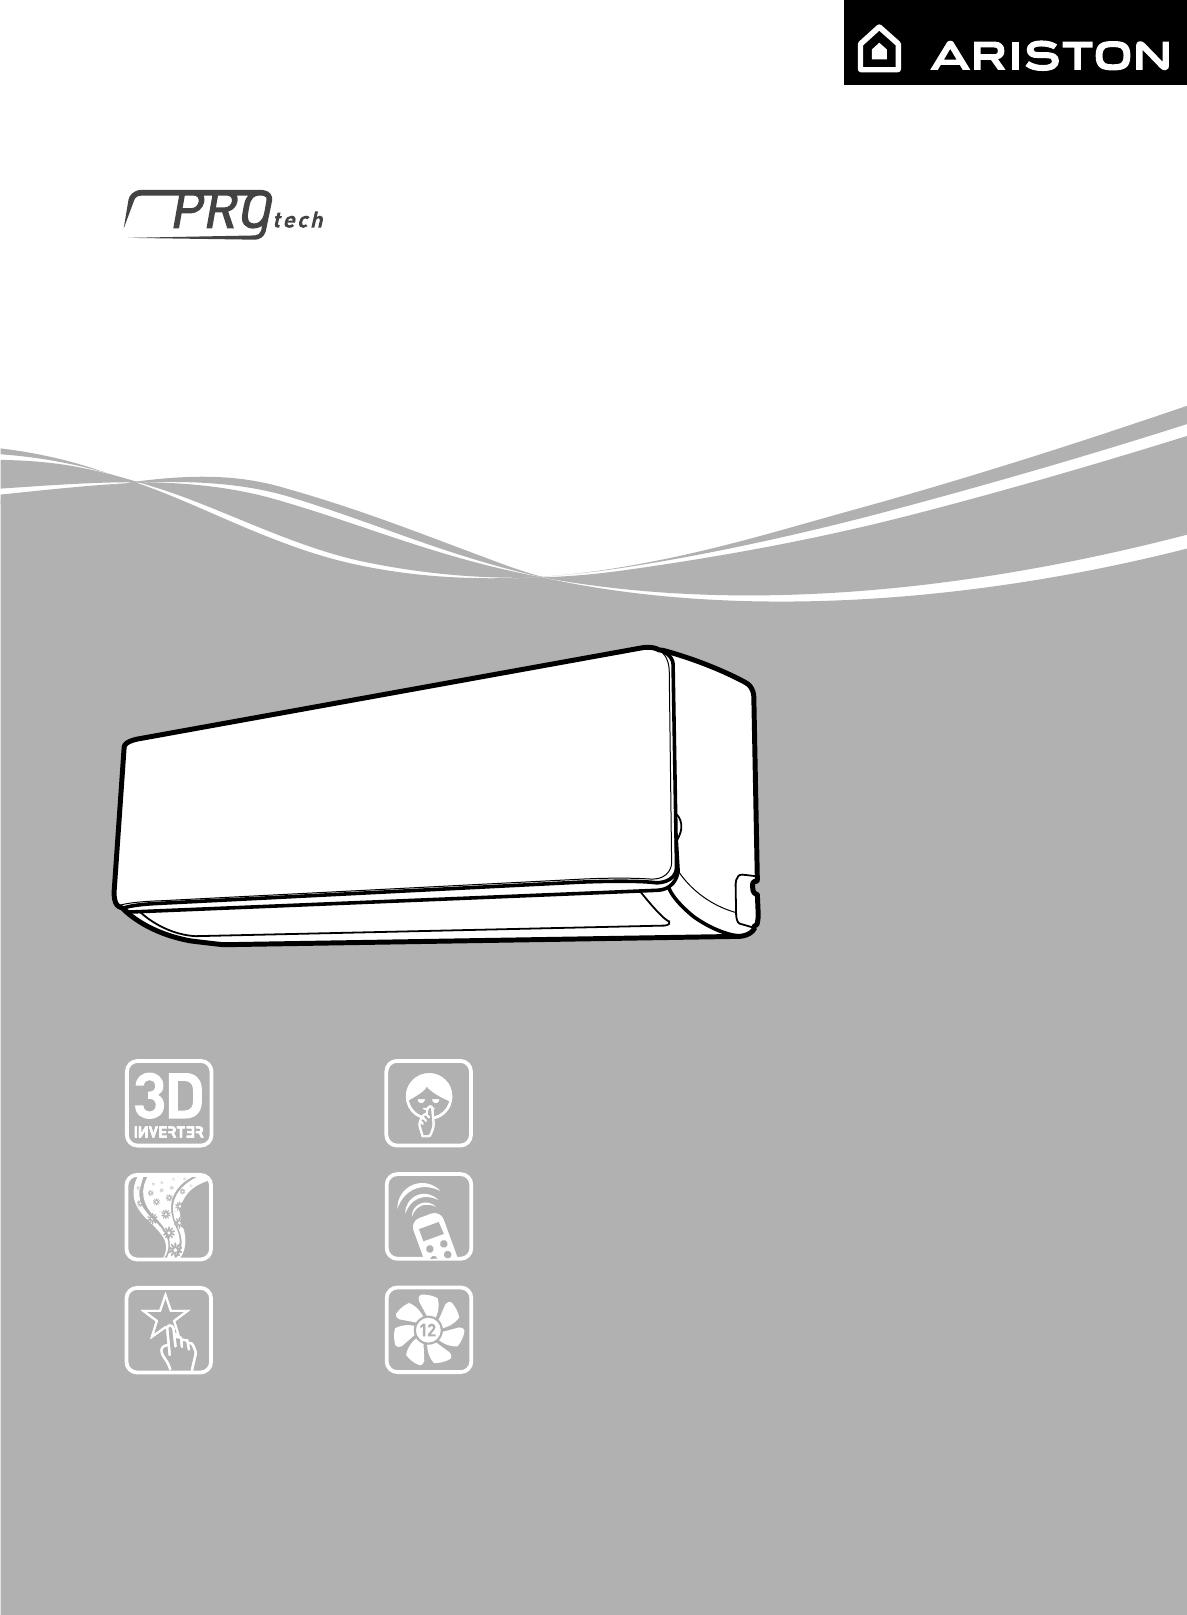 Bedienungsanleitung ariston aeres 50 xc8 i seite 1 von 48 for Caldaia ariston egis manuale d uso